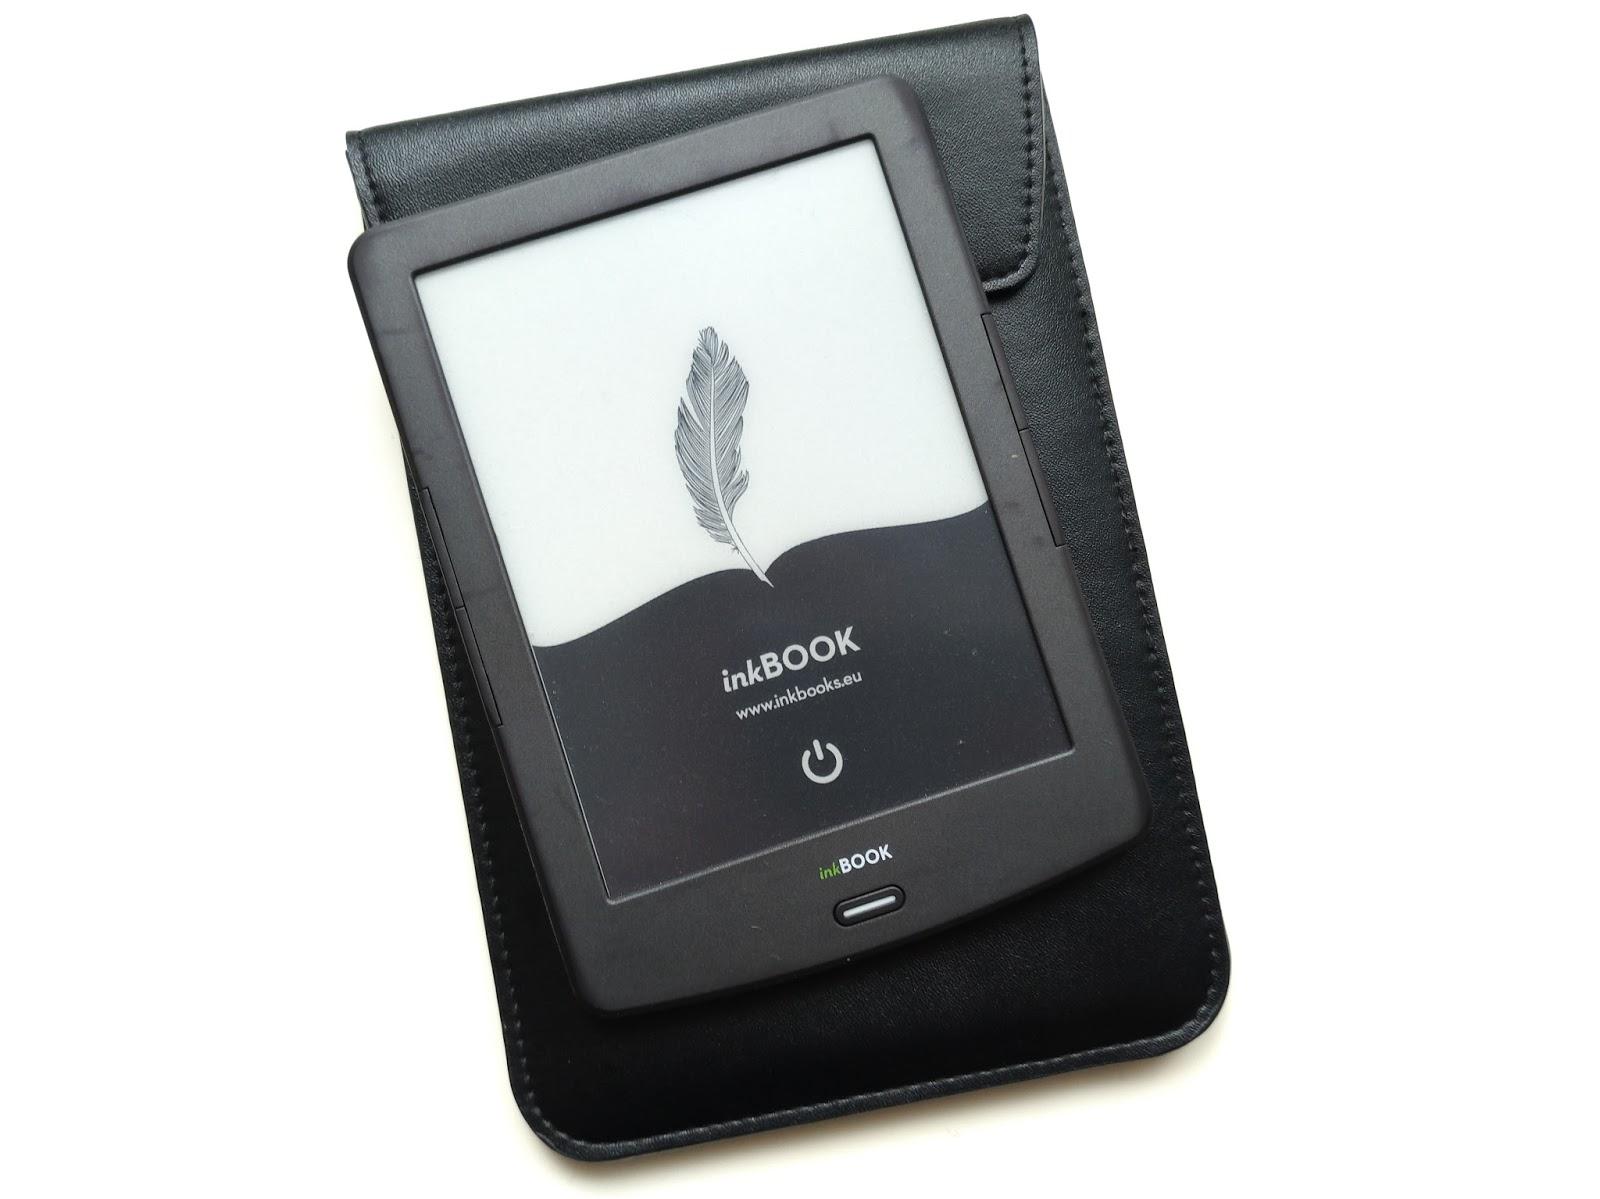 czytnik inkBOOK Classic 2